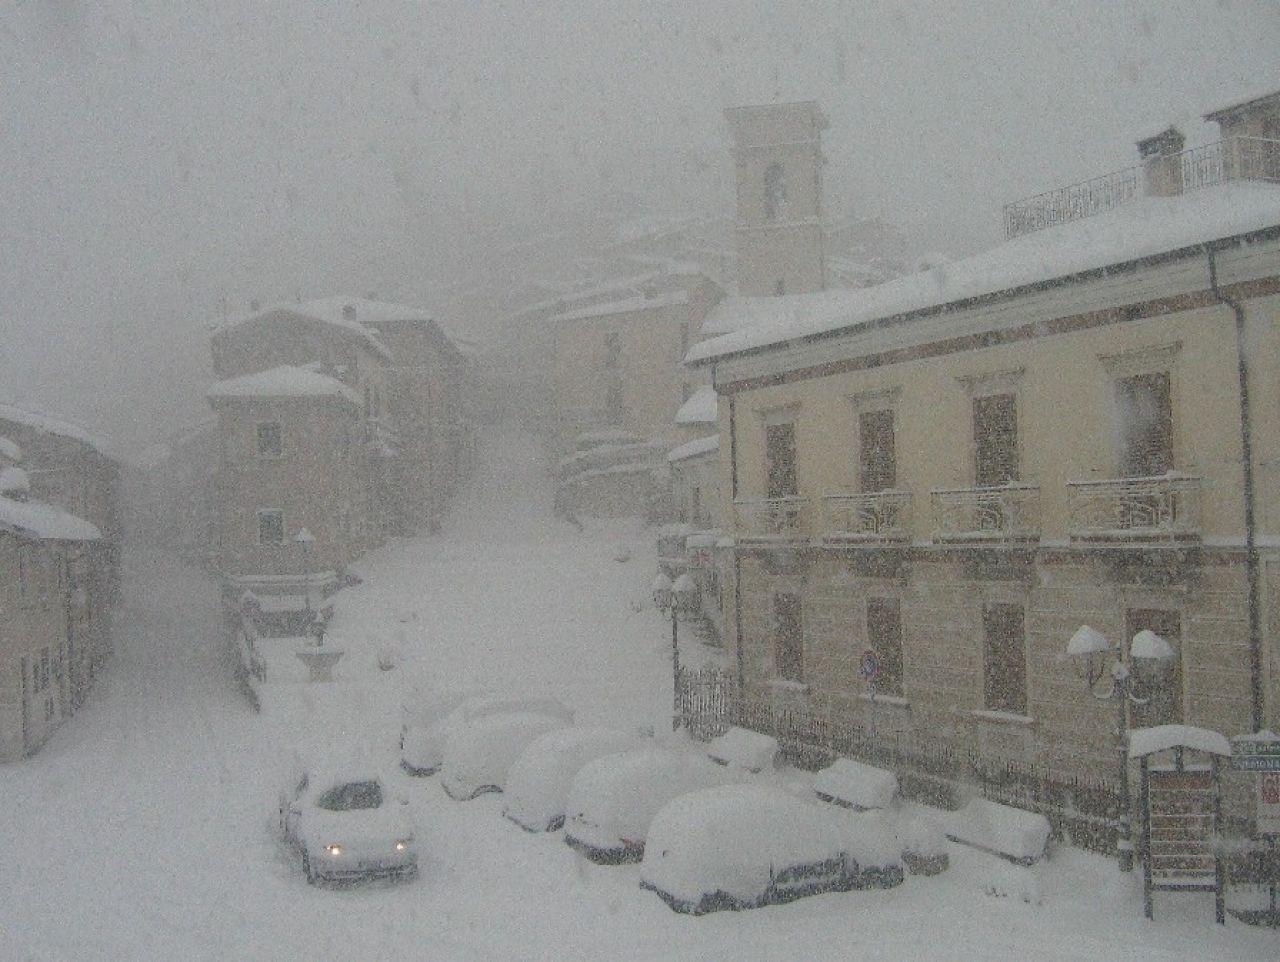 Neve Alpi e Appennino, previsti discreti accumuli tra domenica 24 e lunedì 25 Aprile